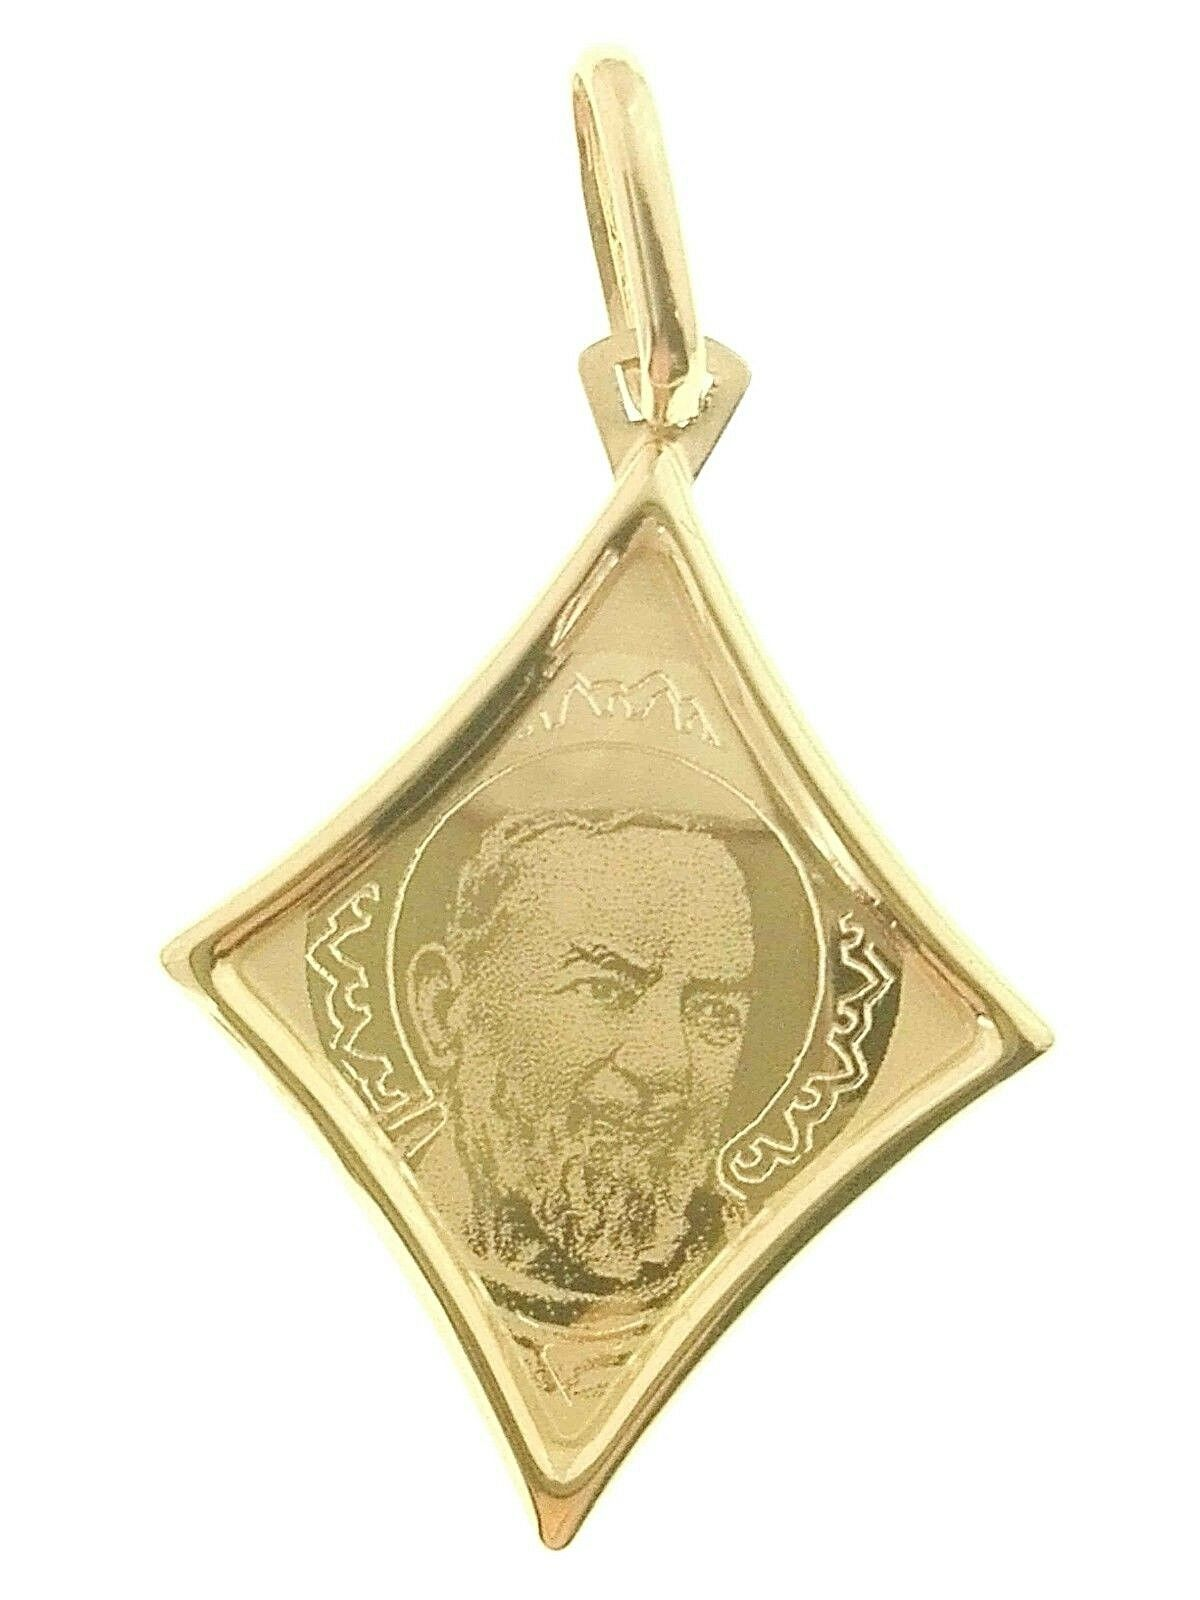 Ciondolo Pendente Medaglia Padre Pio oro Giallo Giallo Giallo 18 Kt Carati Ct 750 0 95 Gr bd2b6e